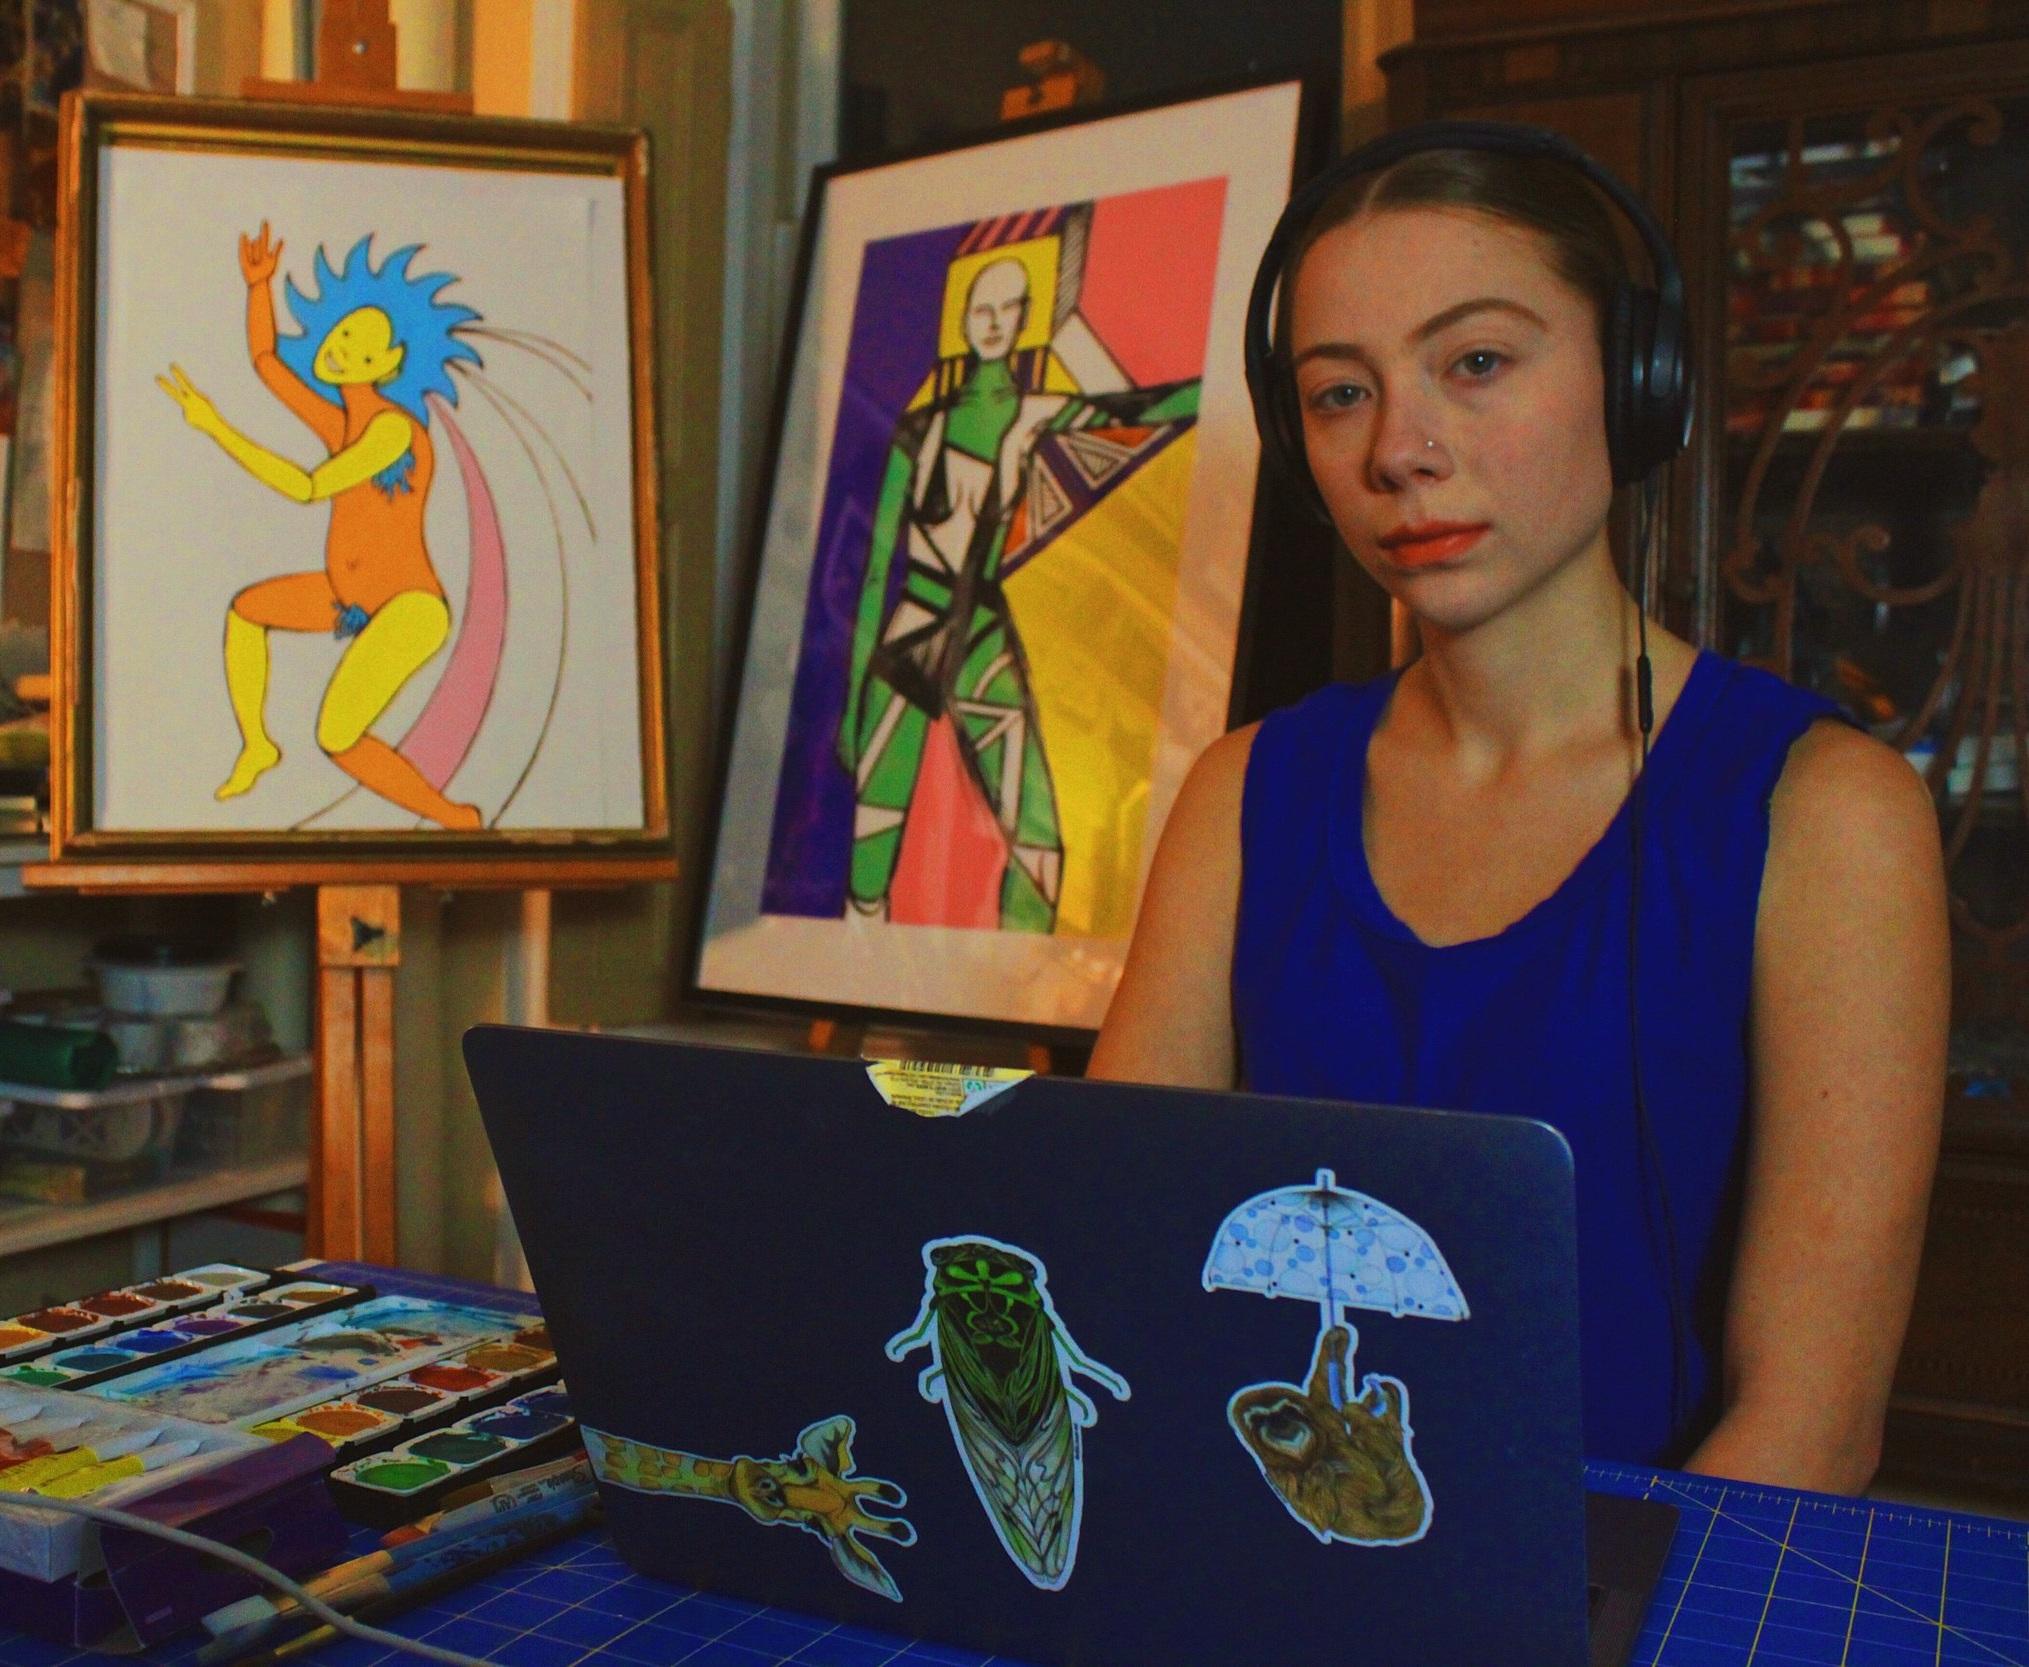 Princess Nostalgia and her artwork of Princess Nostalgia (piece far left) | photo by Alex Young